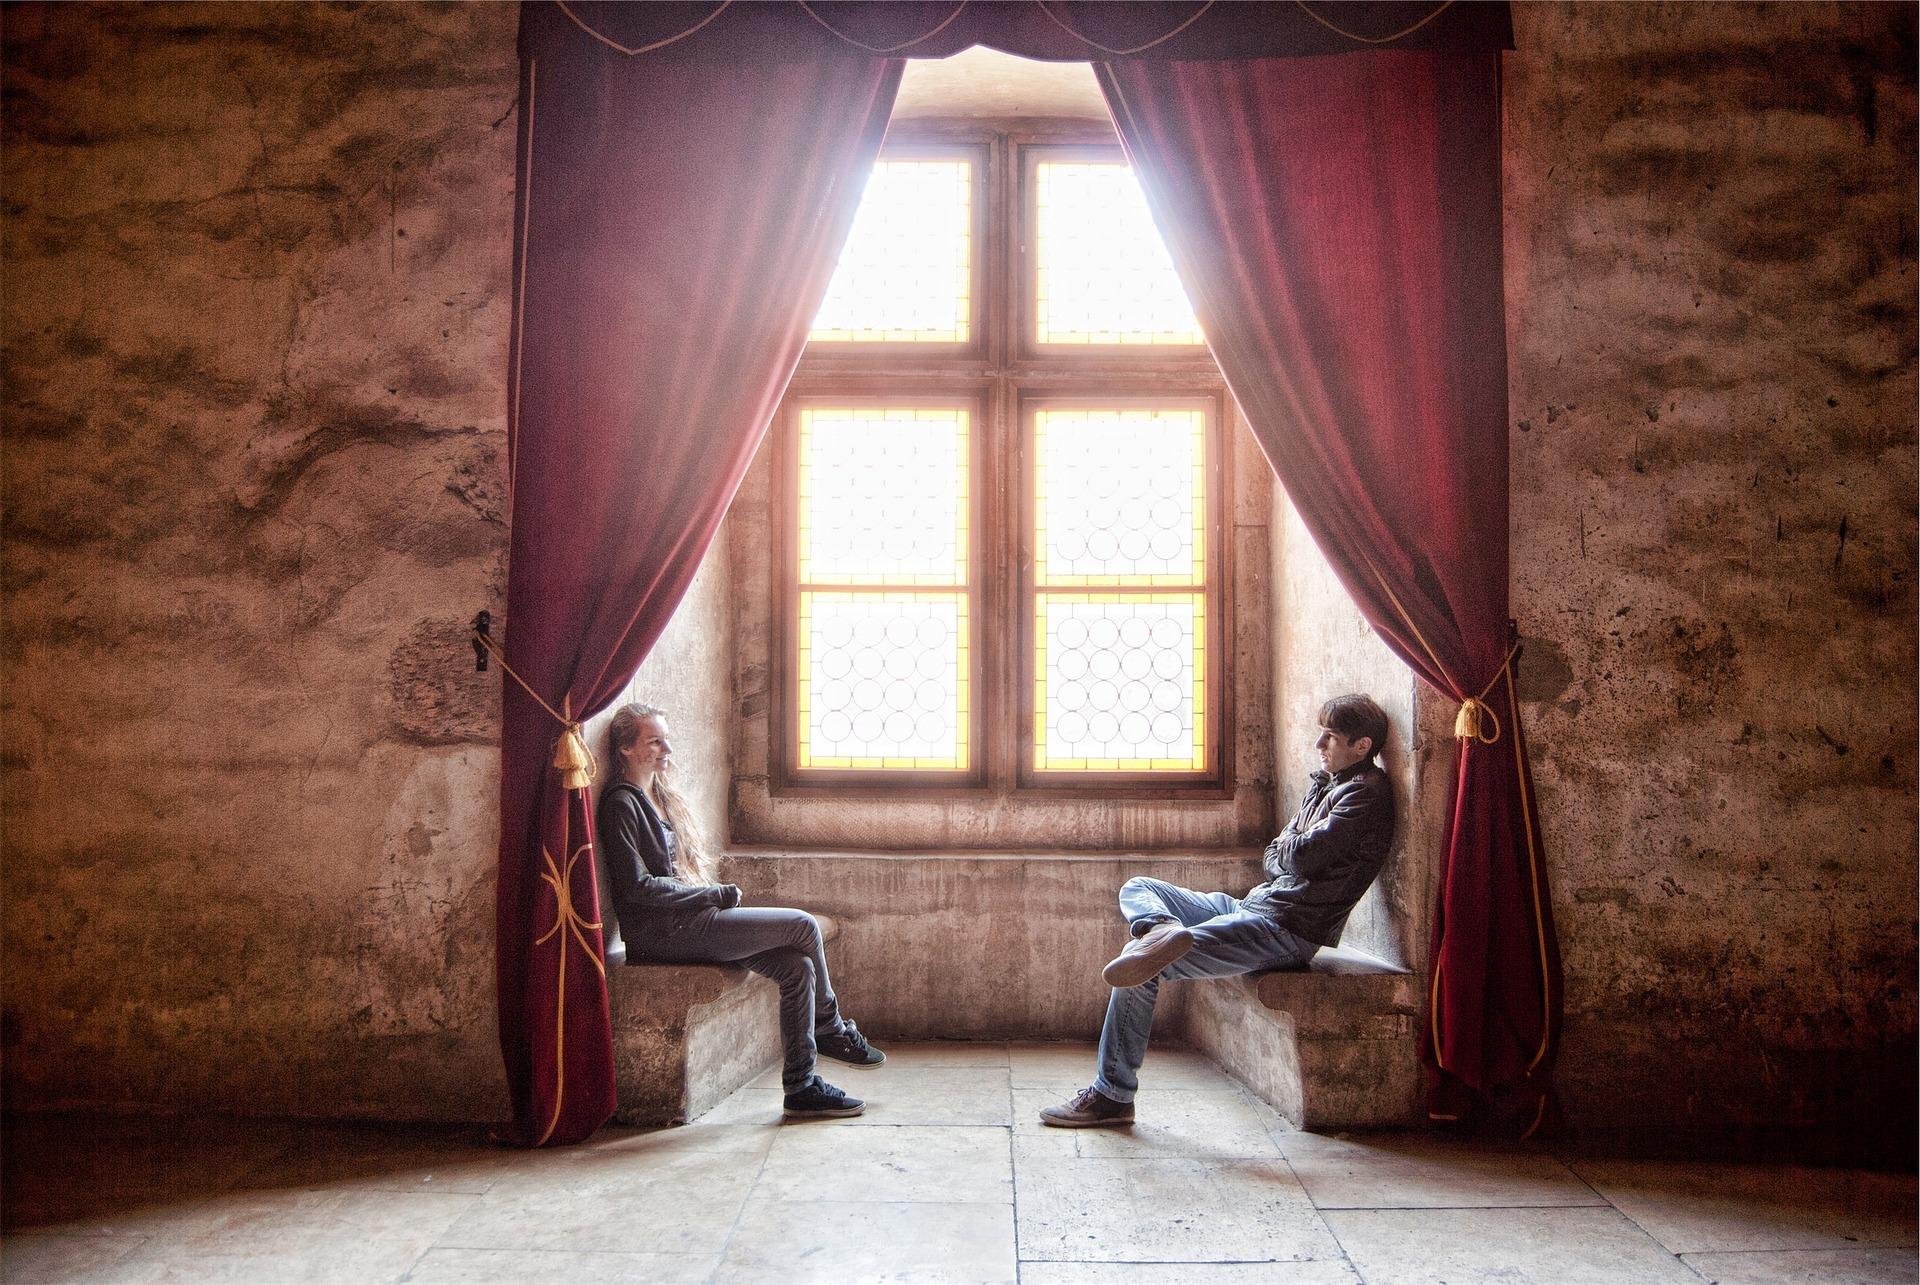 conversation, hearing God speak